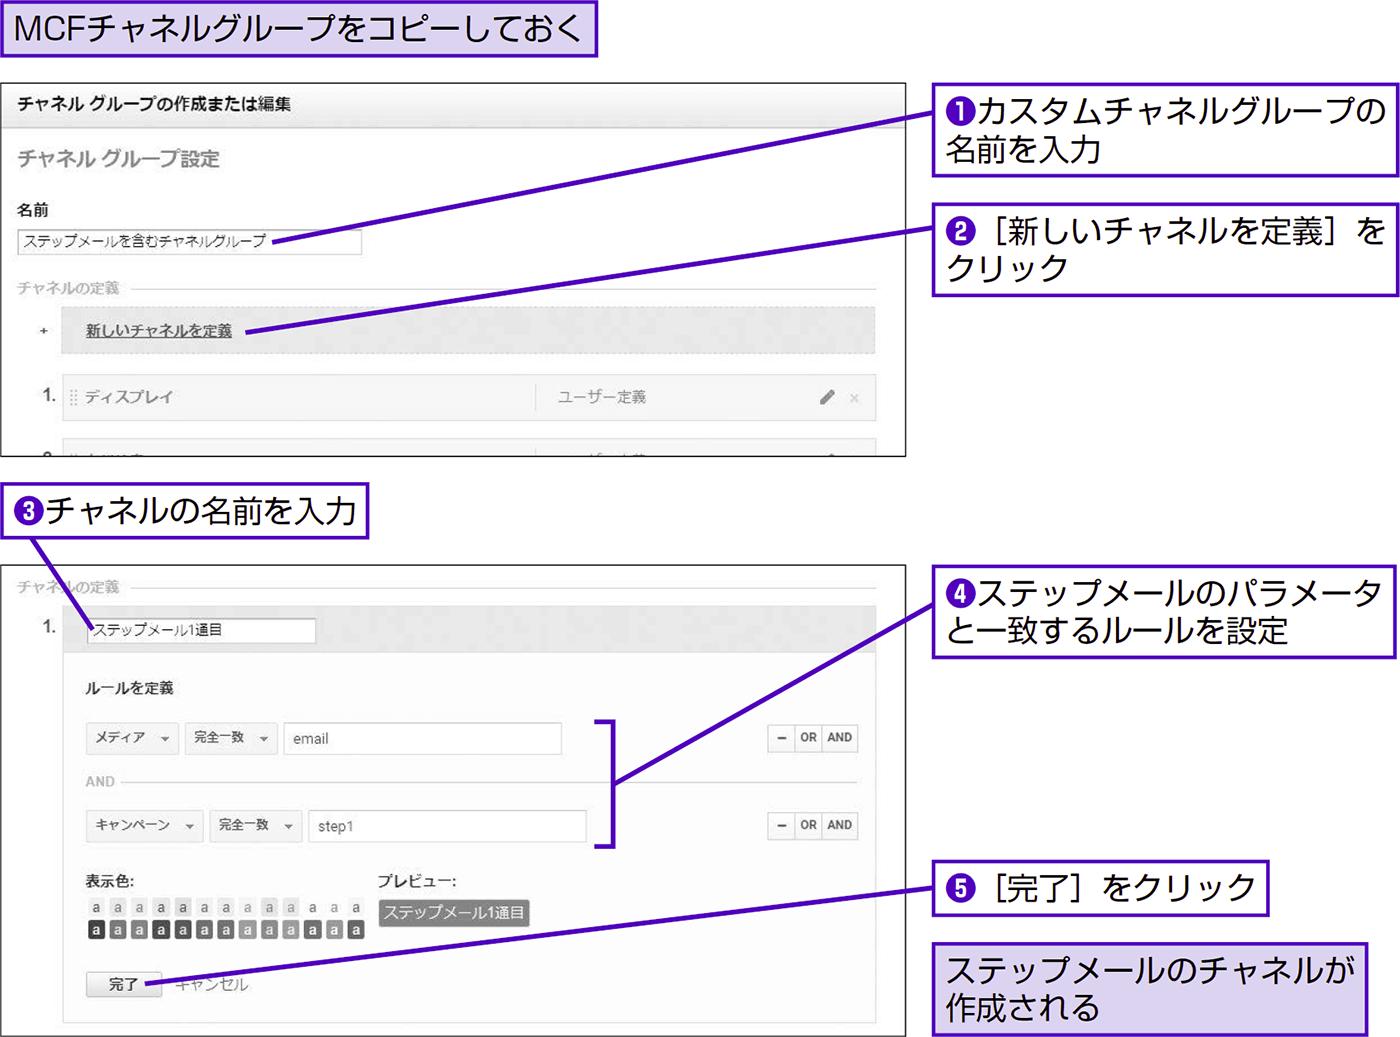 ステップメールをマルチチャネルの視点で改善する - できる逆引き Googleアナリティクス 増補改訂2版